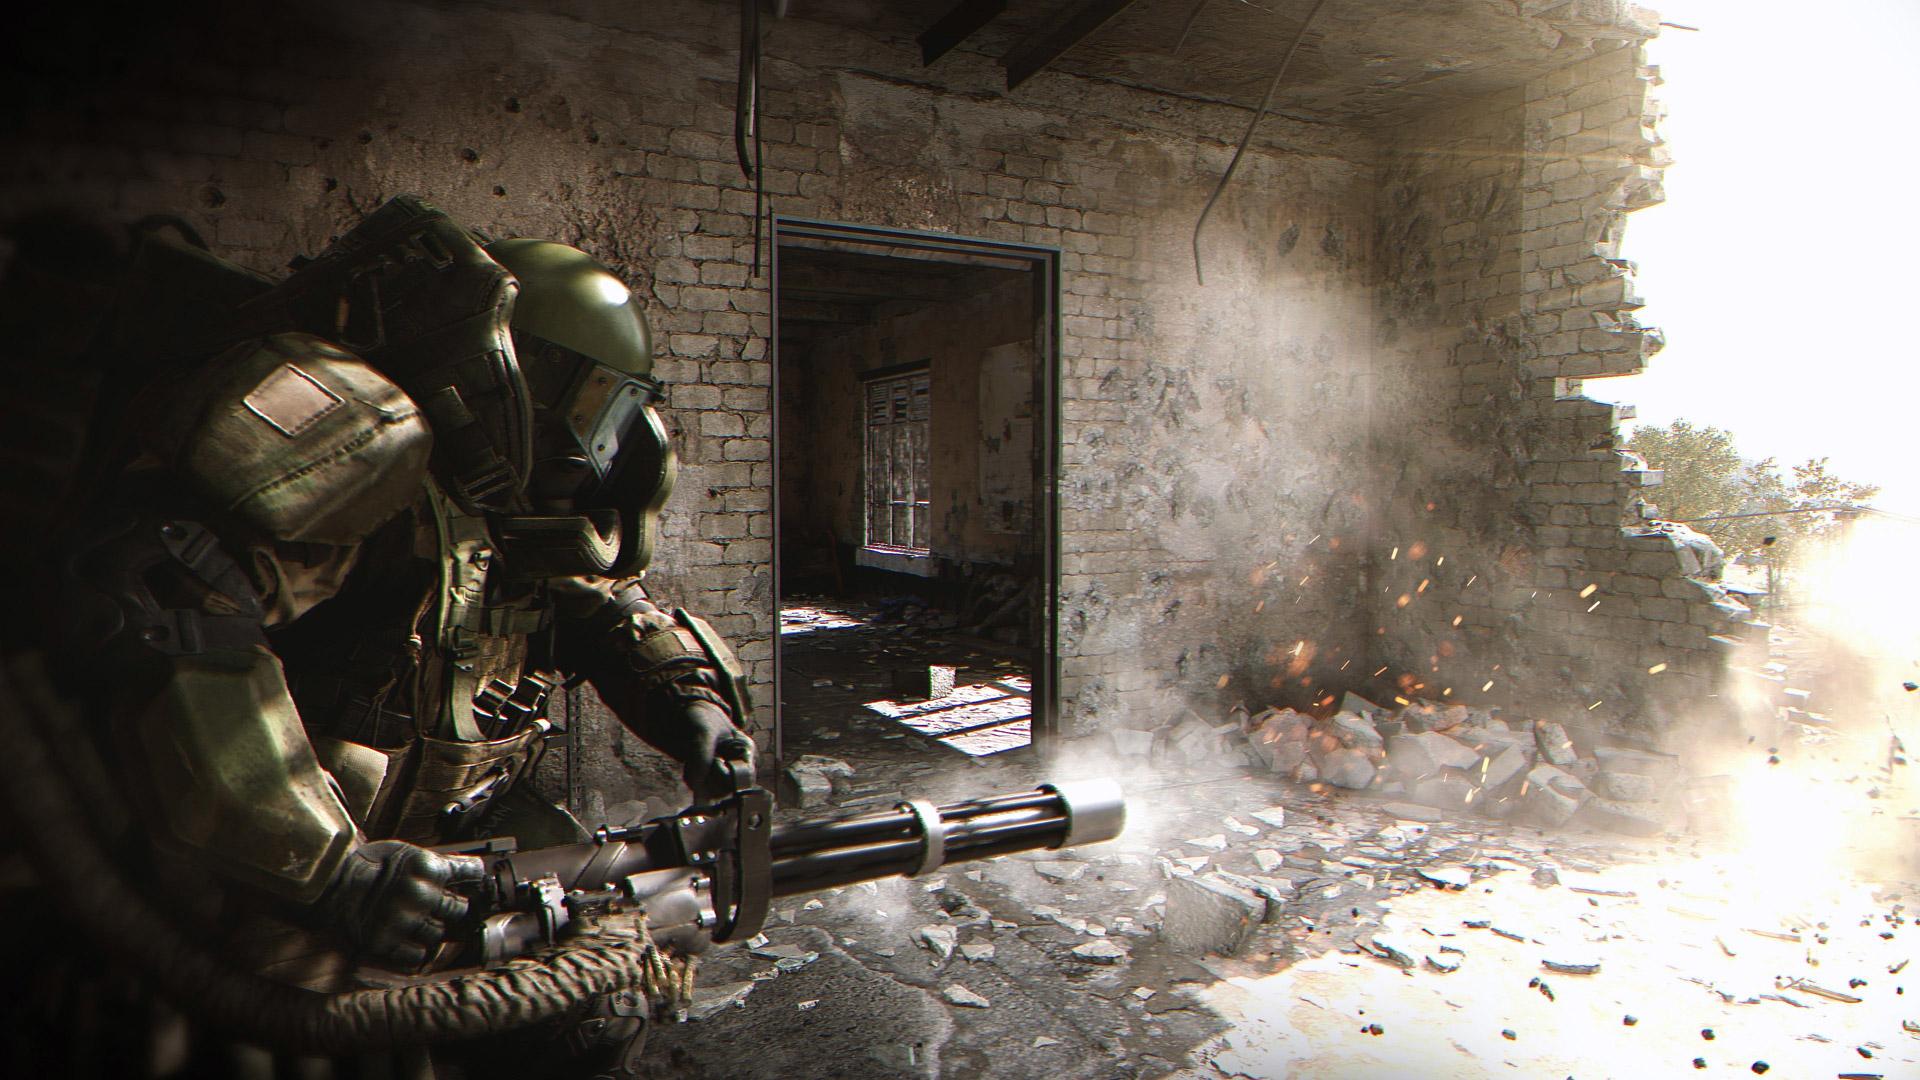 Free Call of Duty: Modern Warfare (2019) Wallpaper in 1920x1080